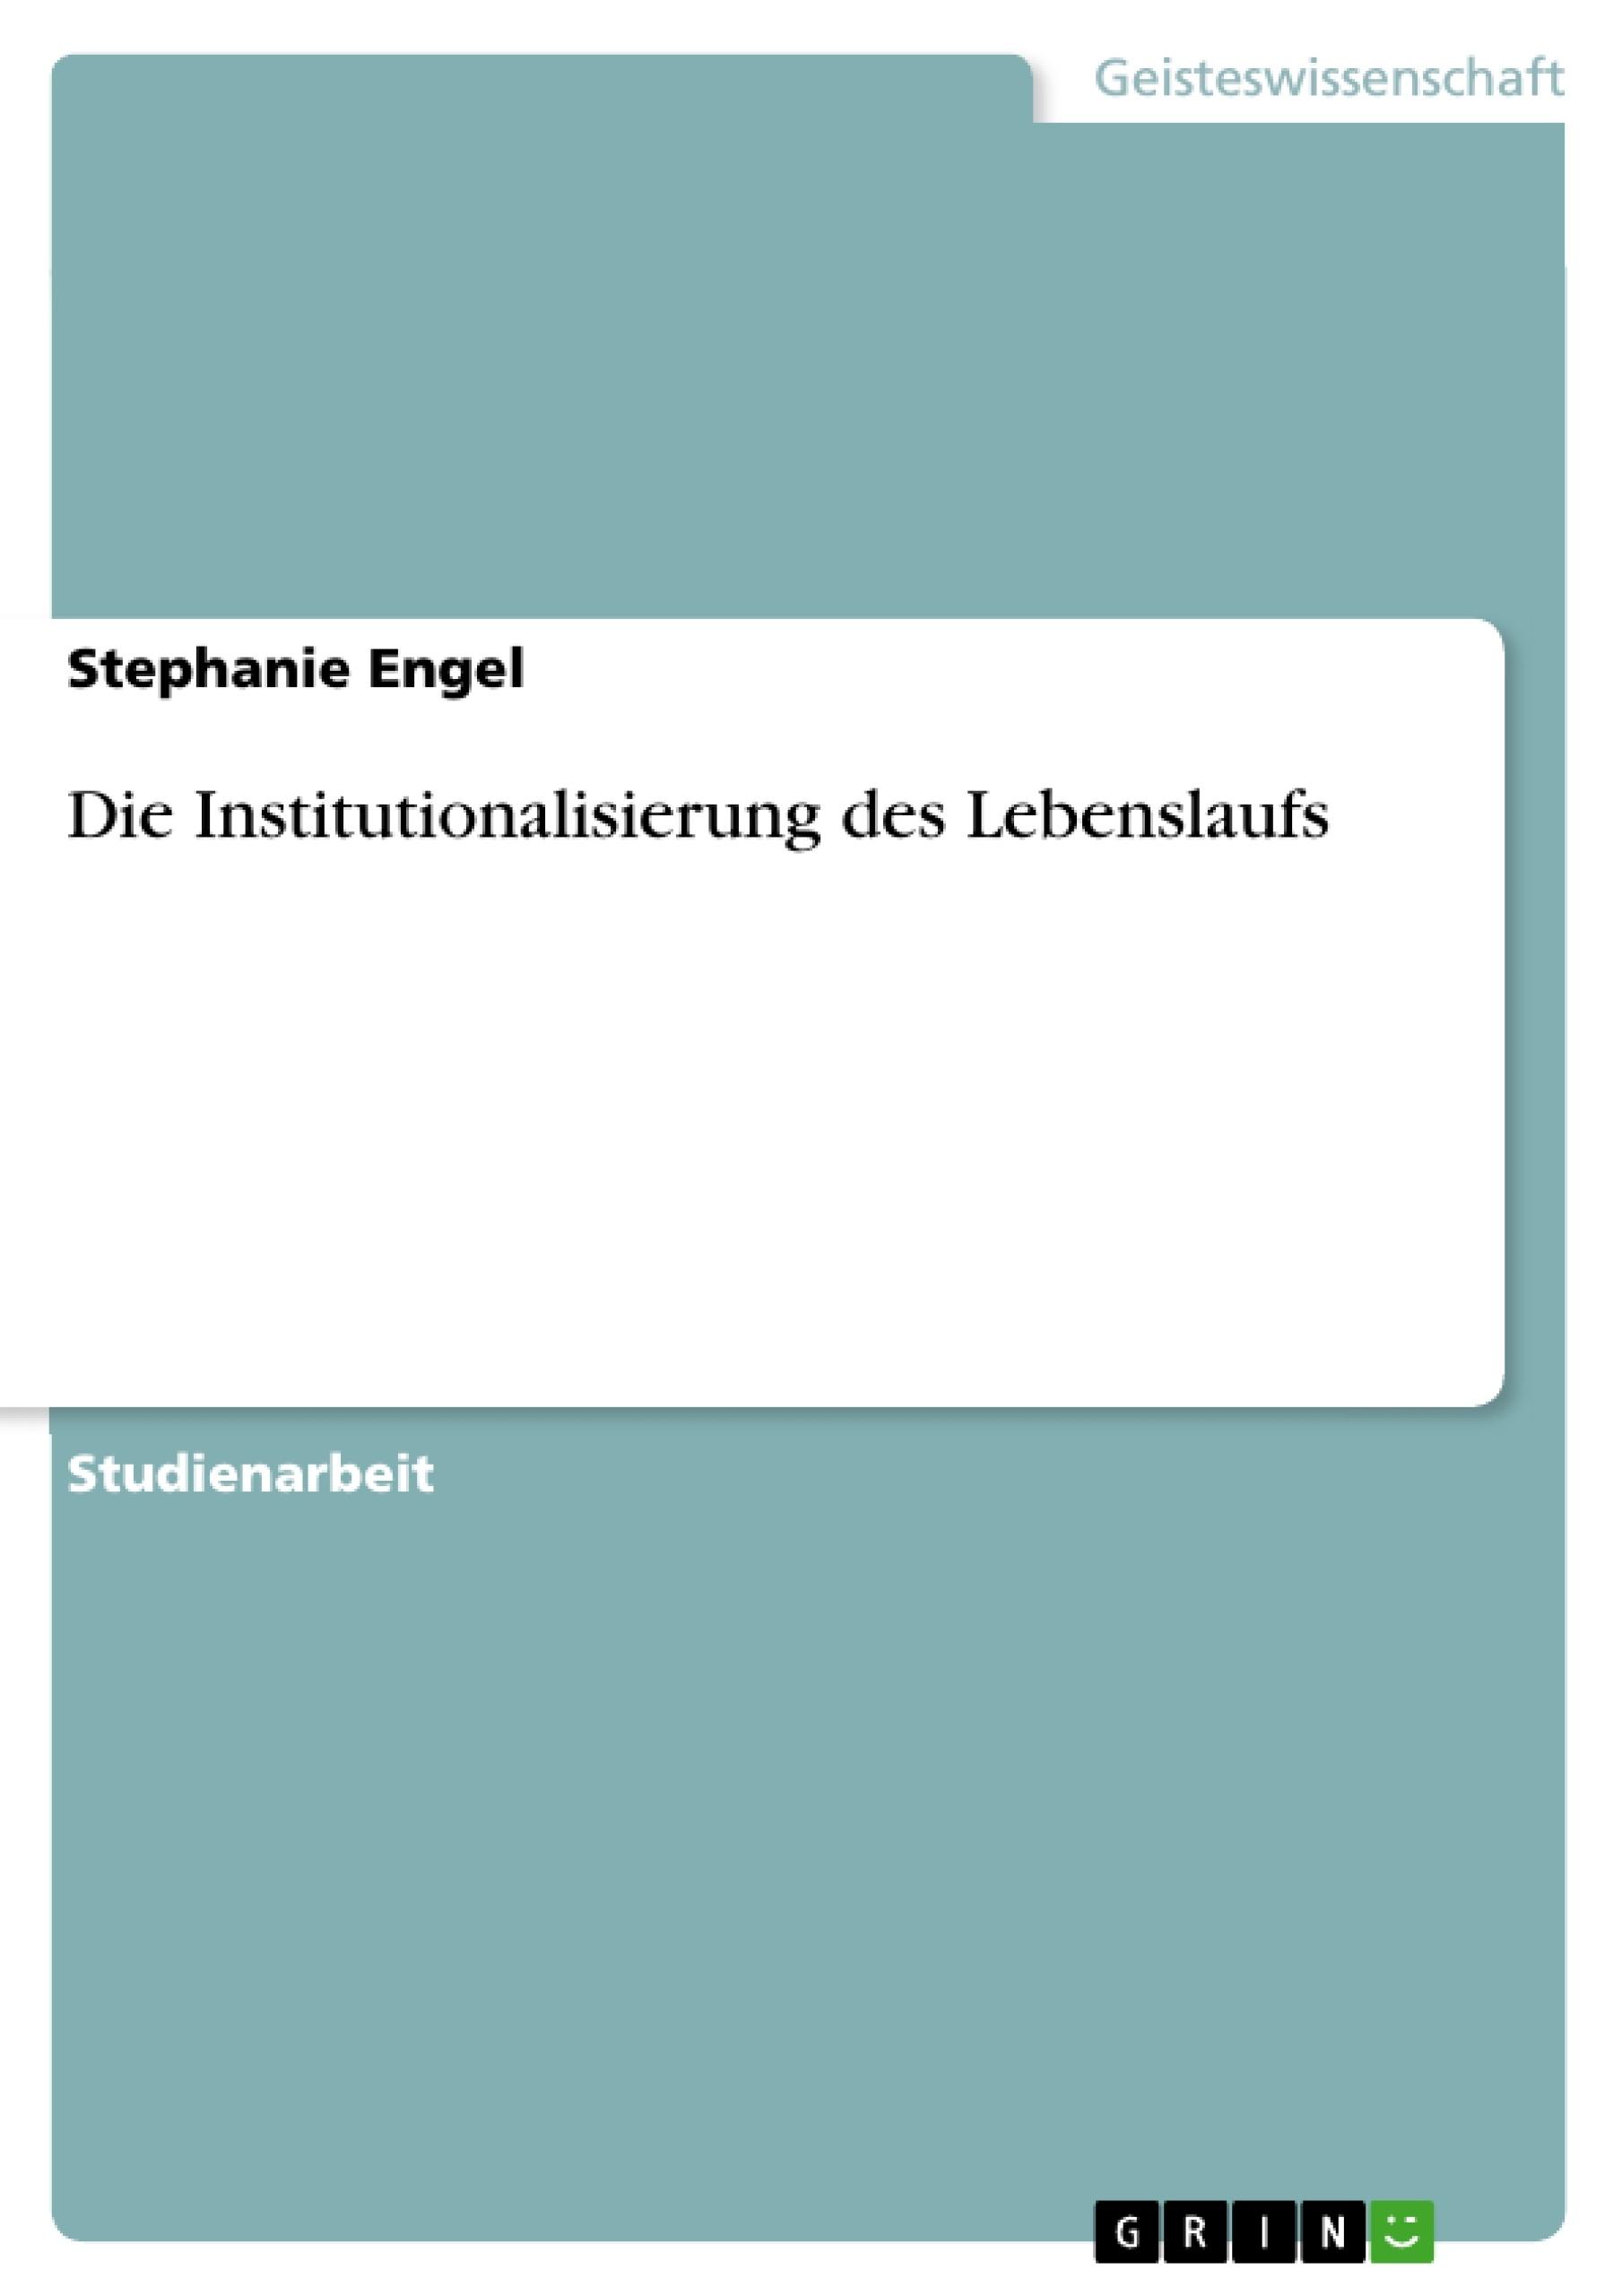 Die Institutionalisierung des Lebenslaufs | Masterarbeit, Hausarbeit ...